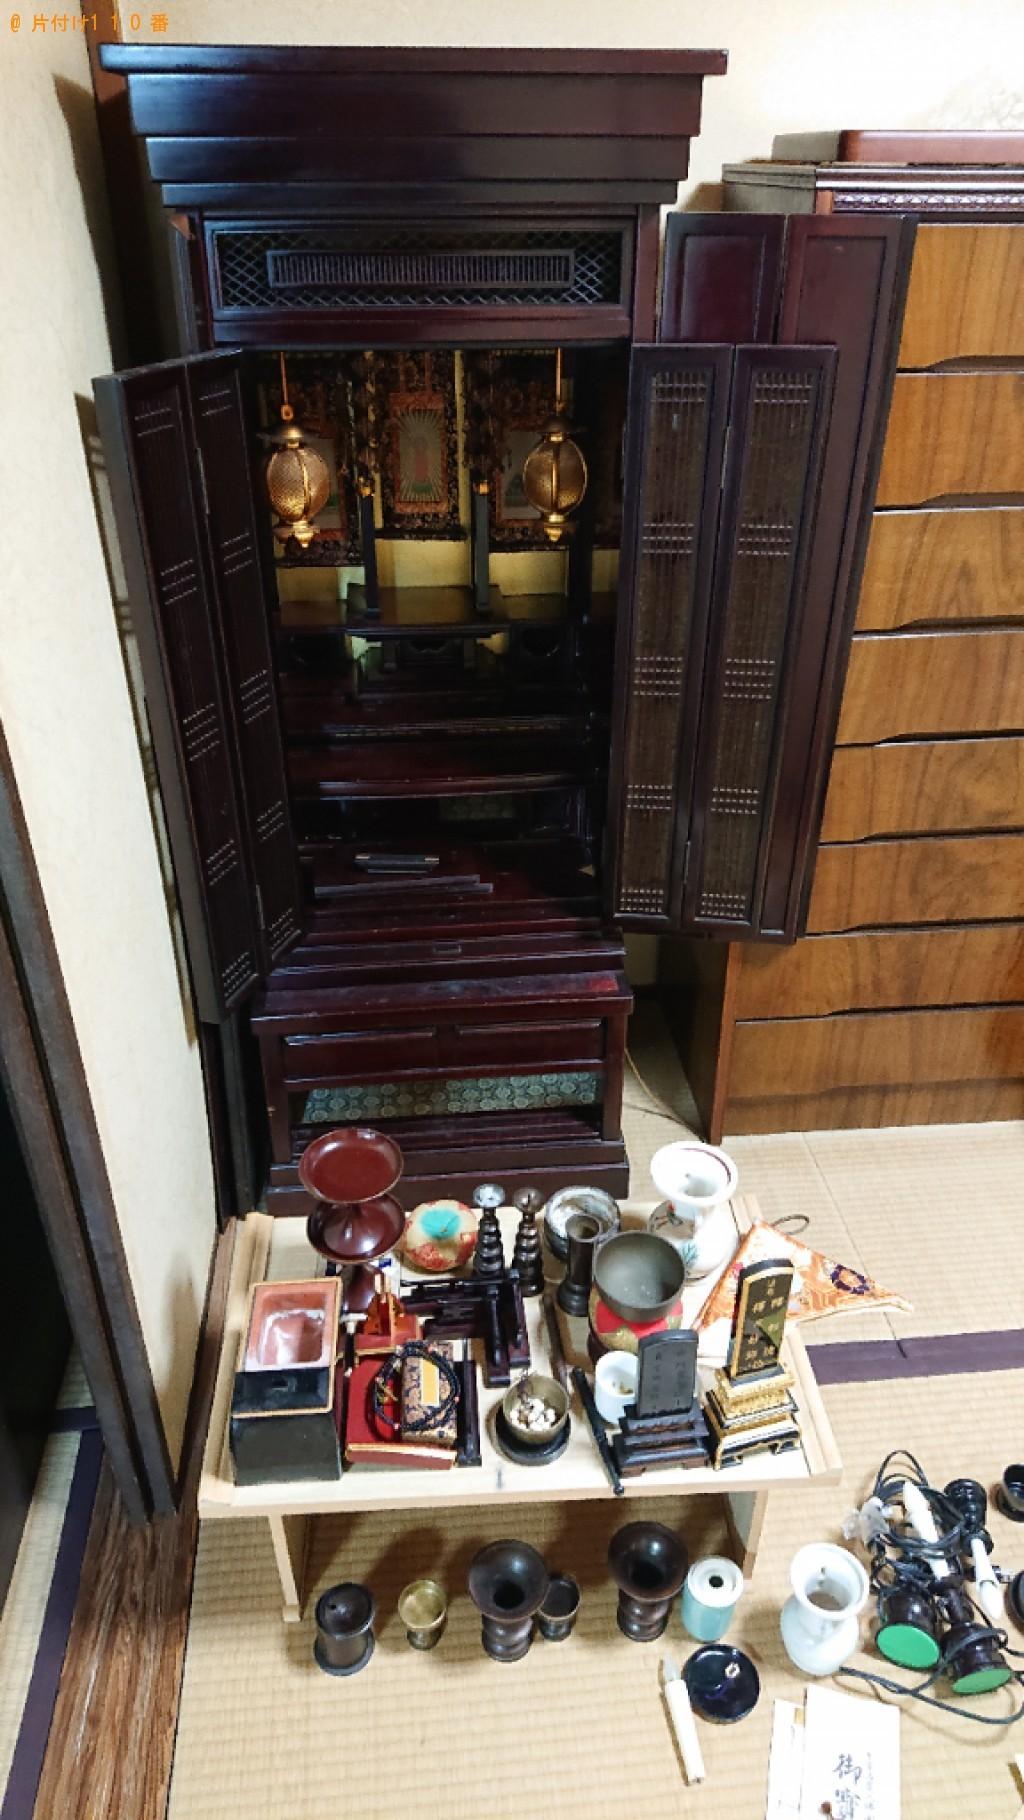 【神戸市東灘区】仏壇、仏具の回収・処分ご依頼 お客様の声